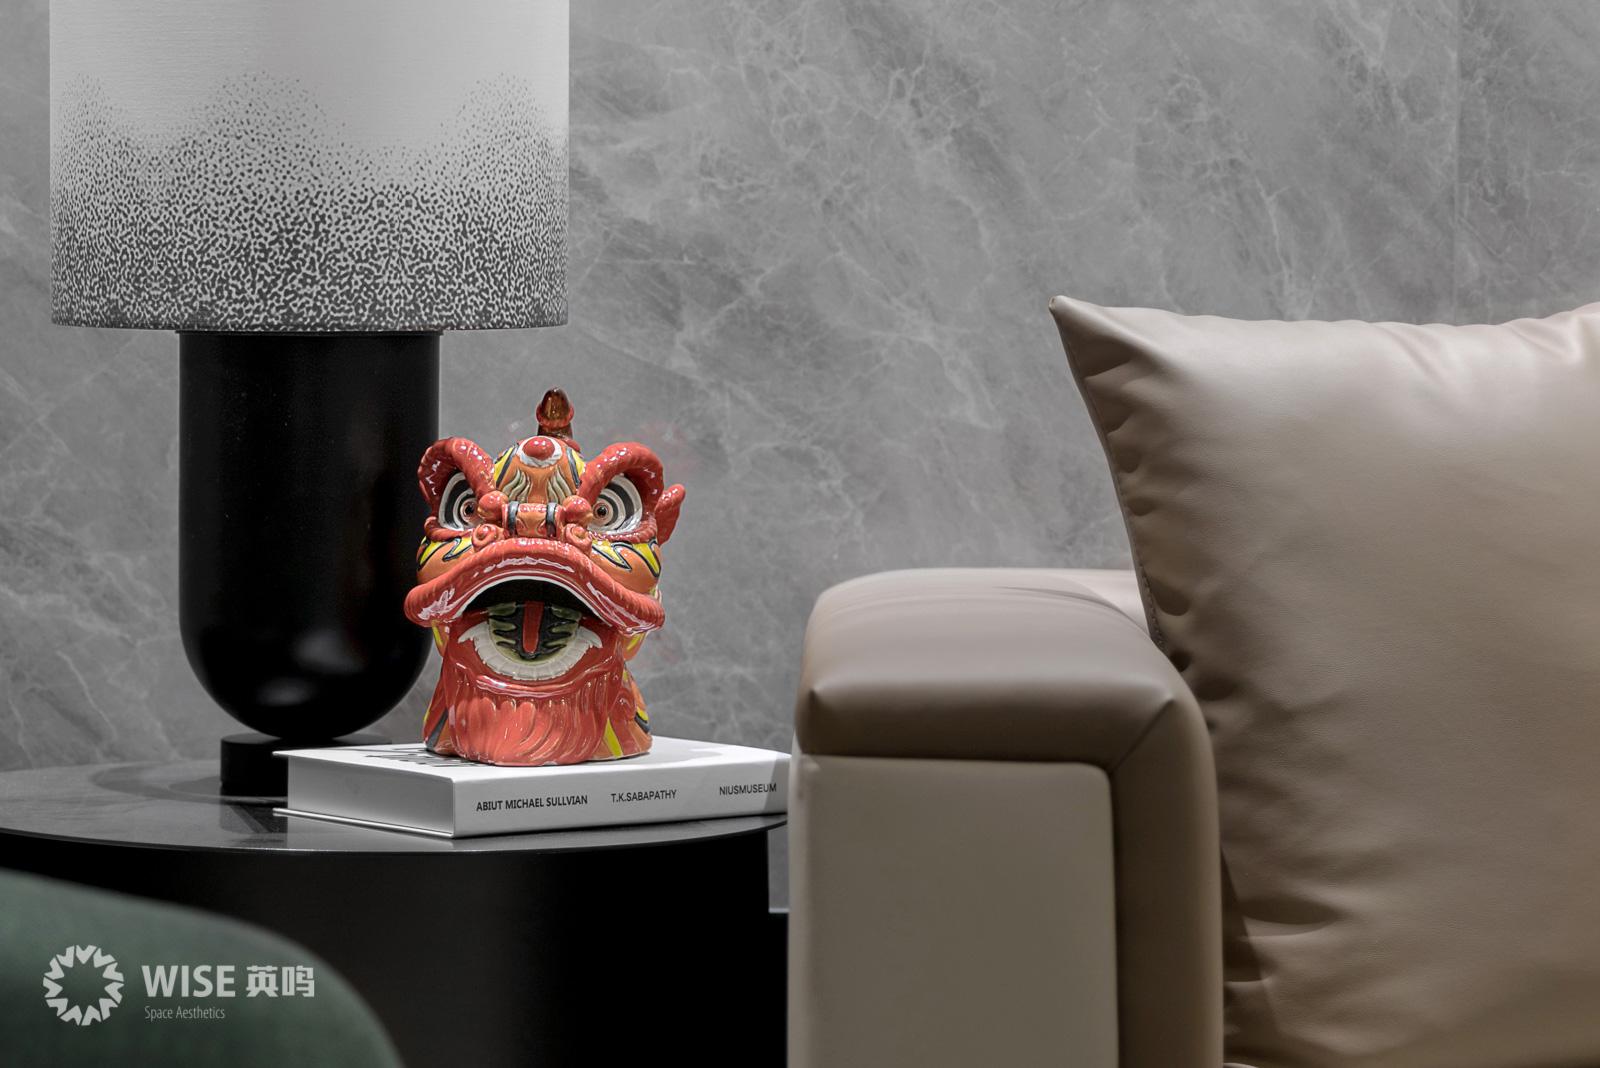 醉岭南,滴水成金:粤强陶瓷总部 | 英鸣软装 · 新中式 |